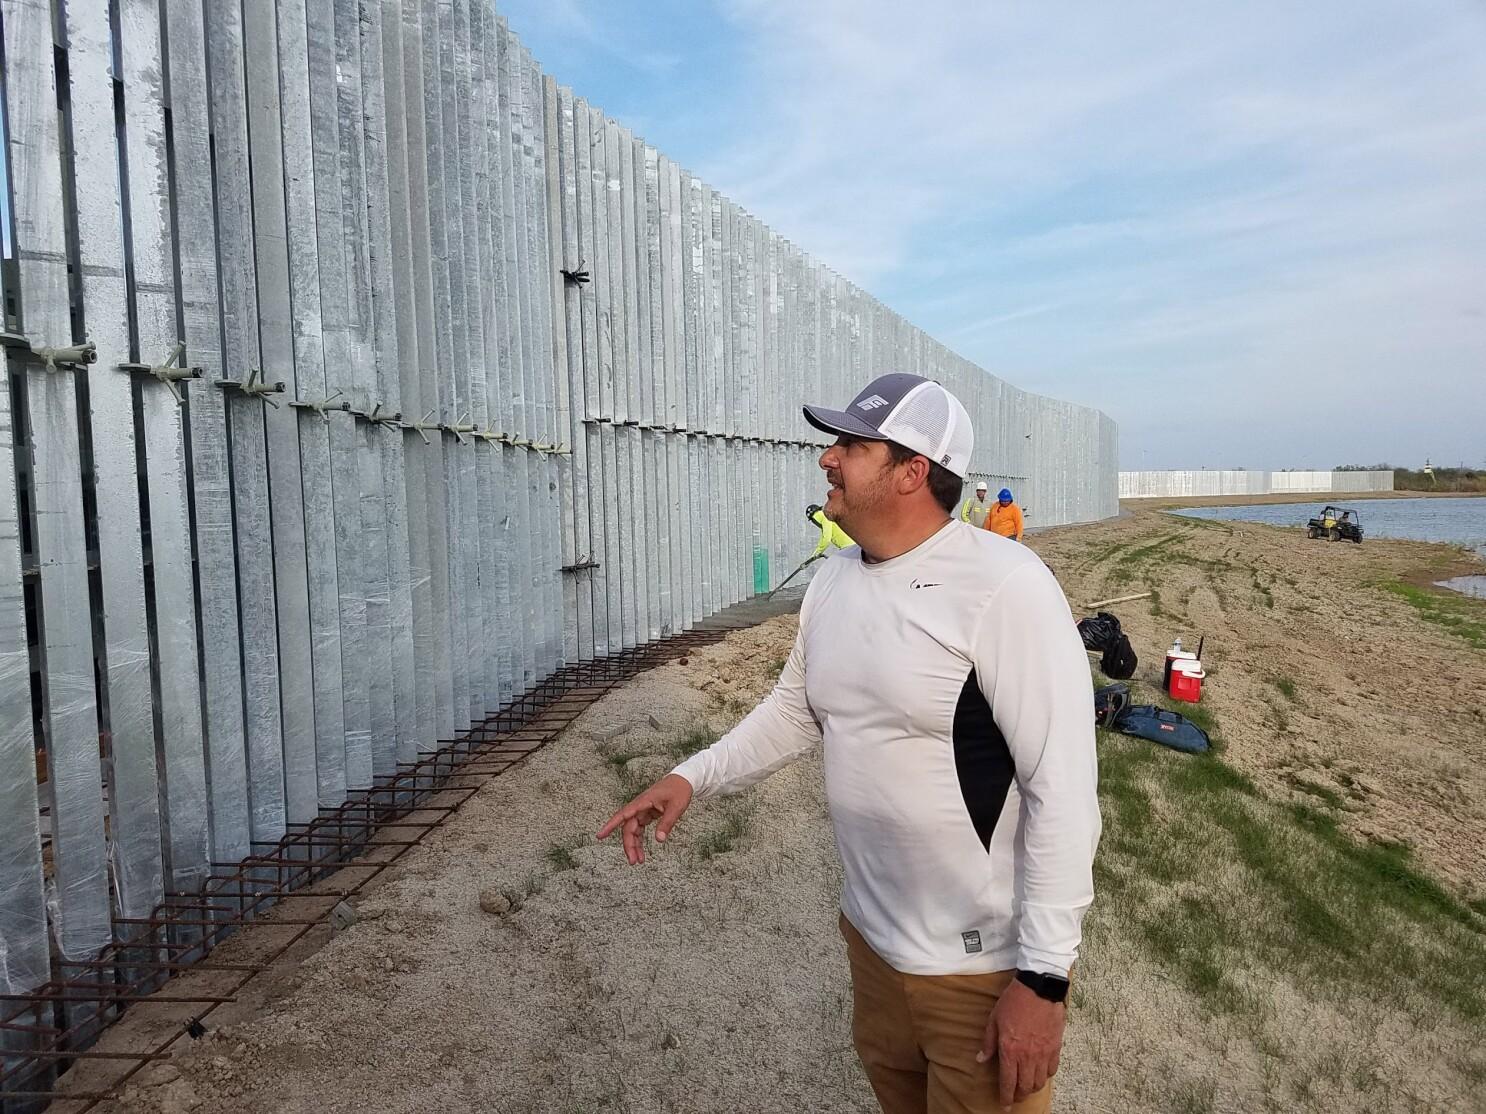 Este hombre afirma que puede construir el muro fronterizo de Trump más rápido y más barato que los contratistas del gobierno - Los Angeles Times